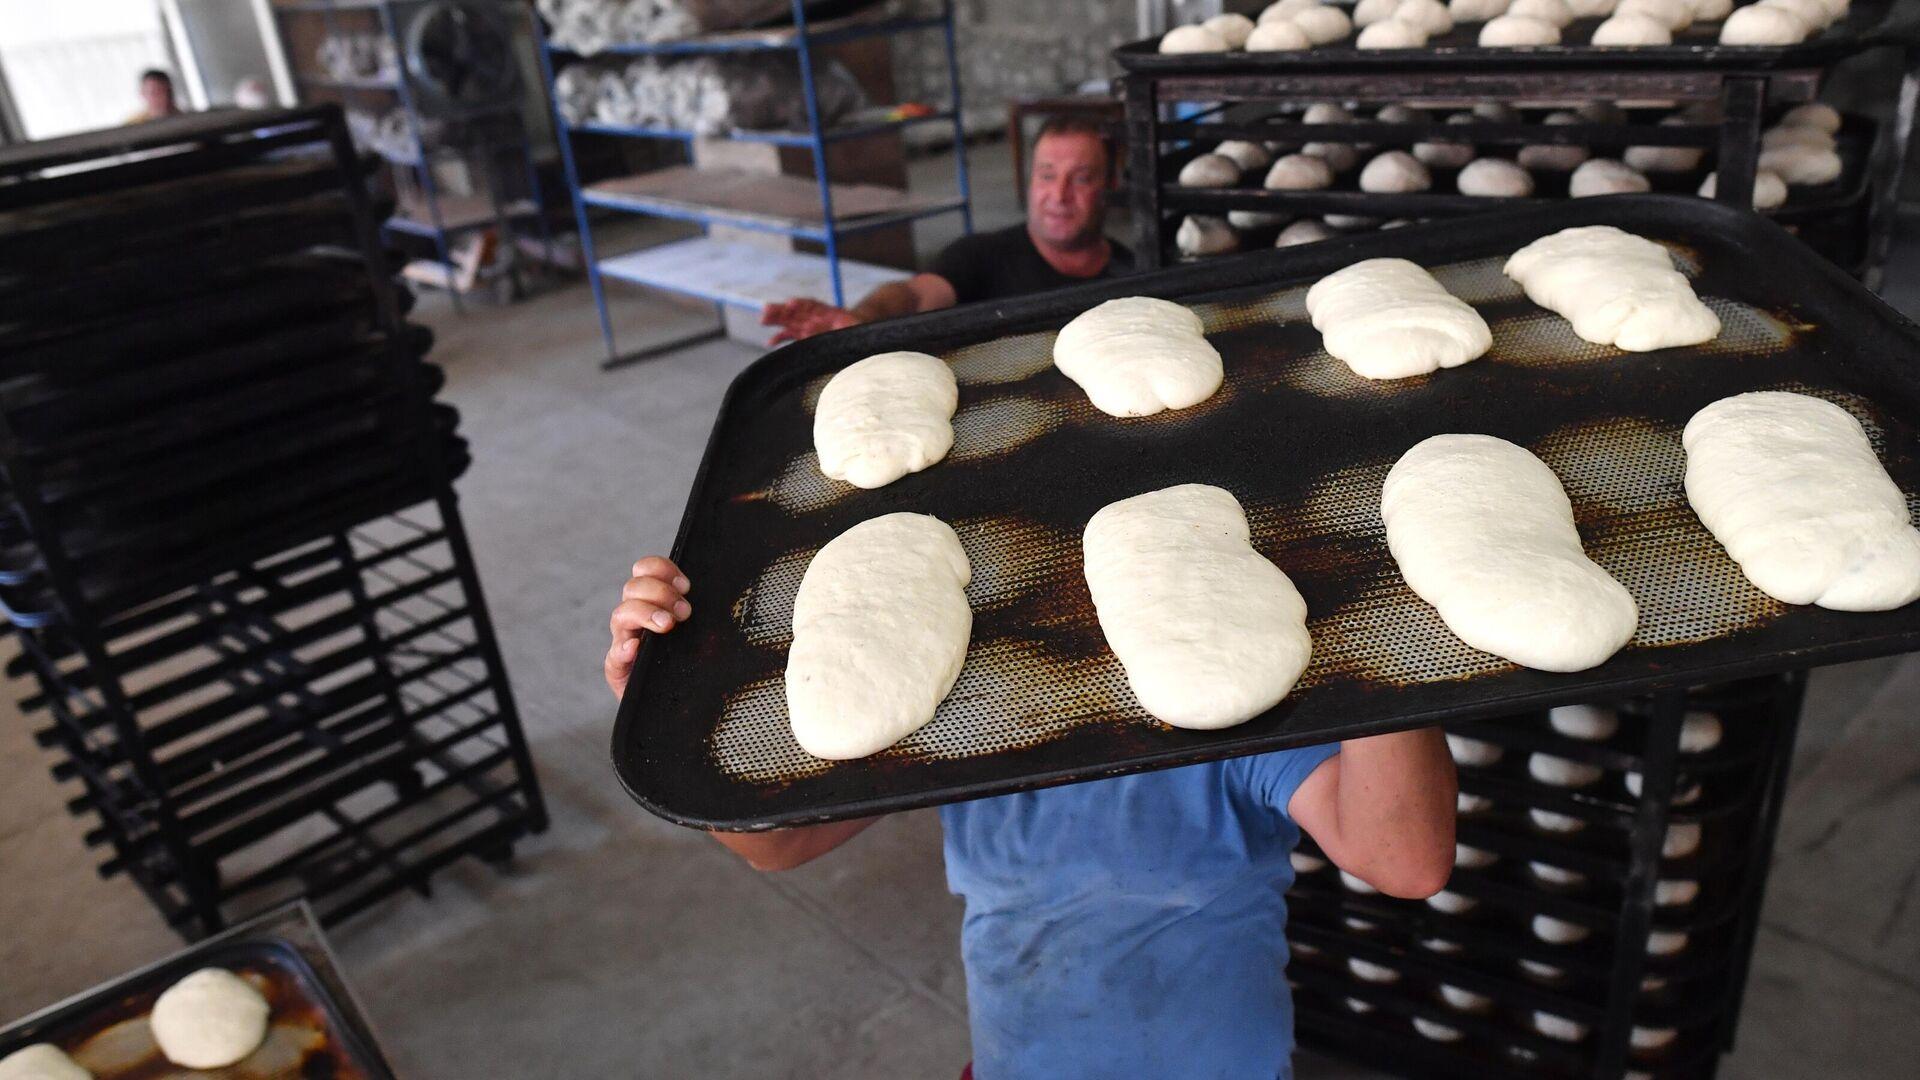 Производство хлеба в одной из пекарен в городе Шуша - РИА Новости, 1920, 20.07.2021